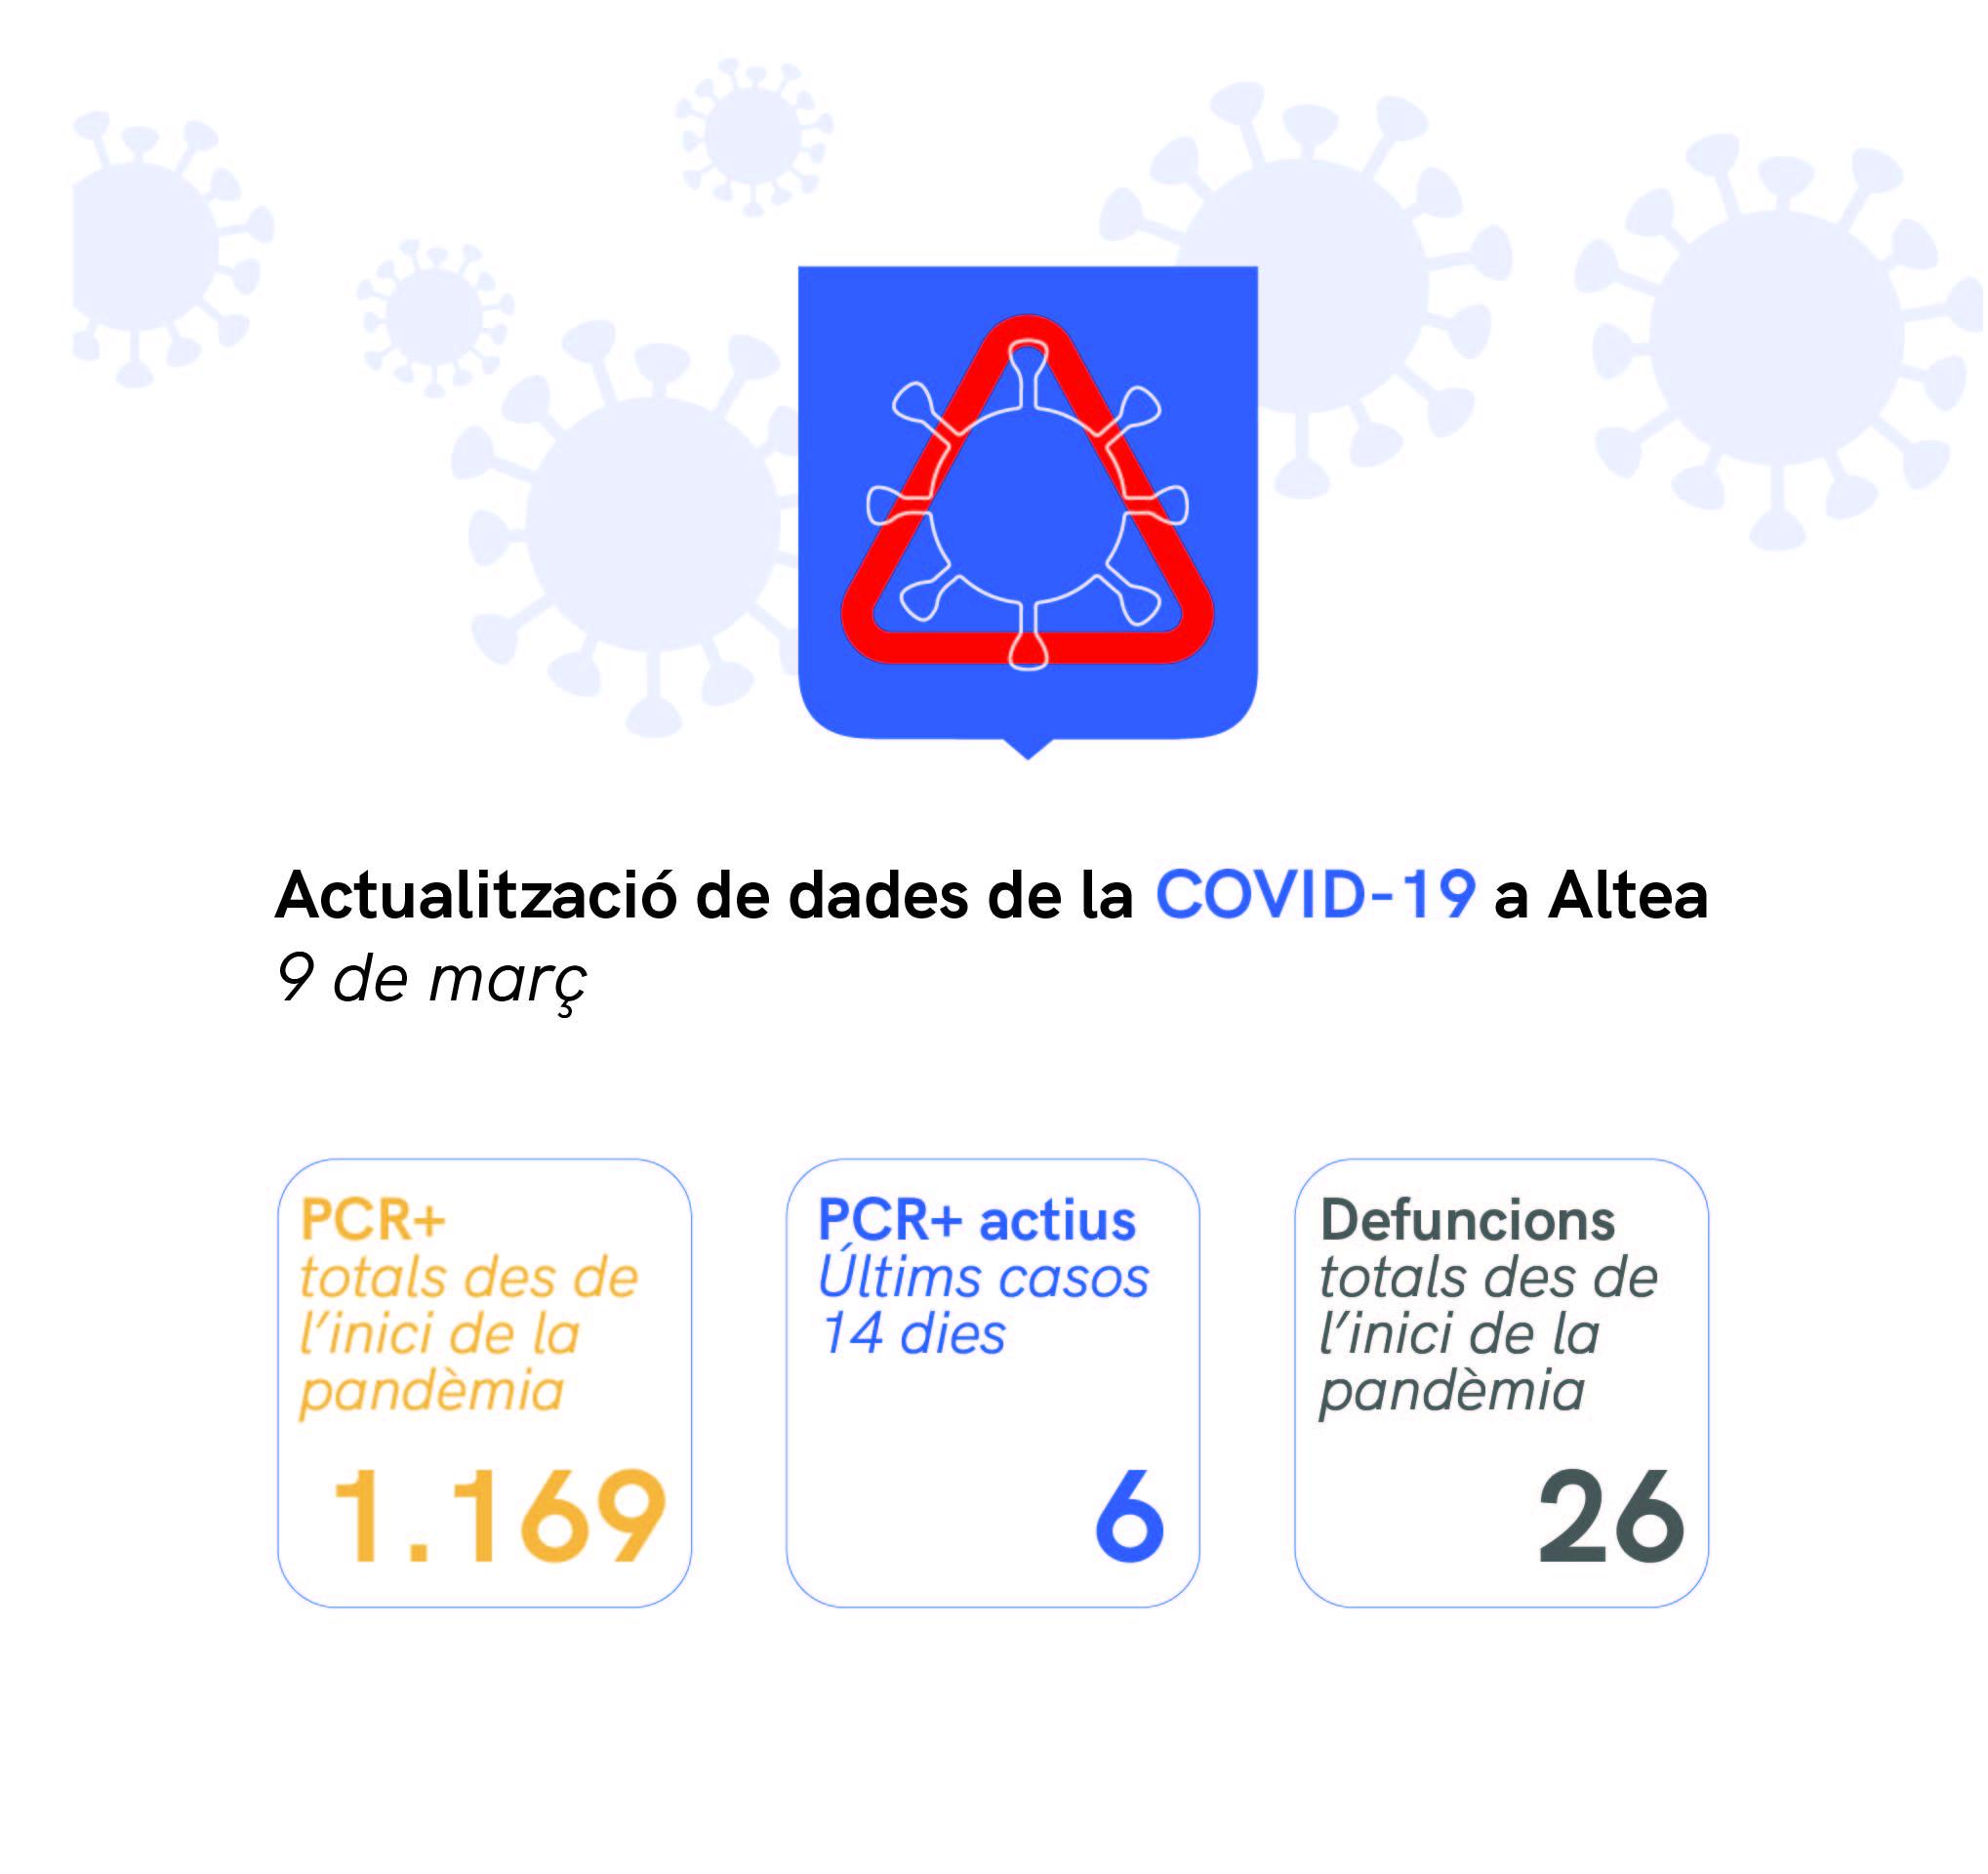 Situació actual de COVID-19 a Altea